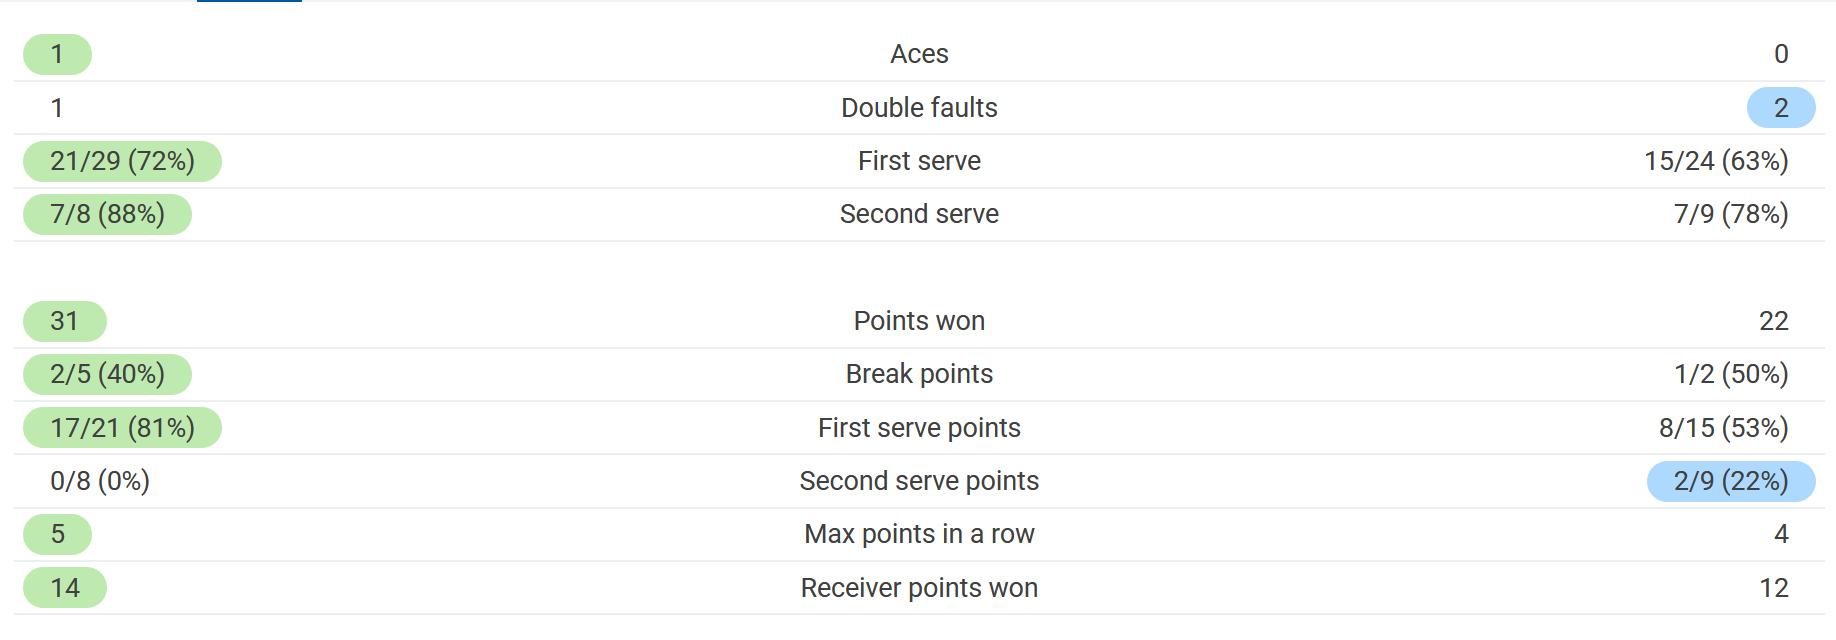 Свитолина неожиданно проиграла чешке в третьем круге Ролан Гаррос. Как это было - изображение 1